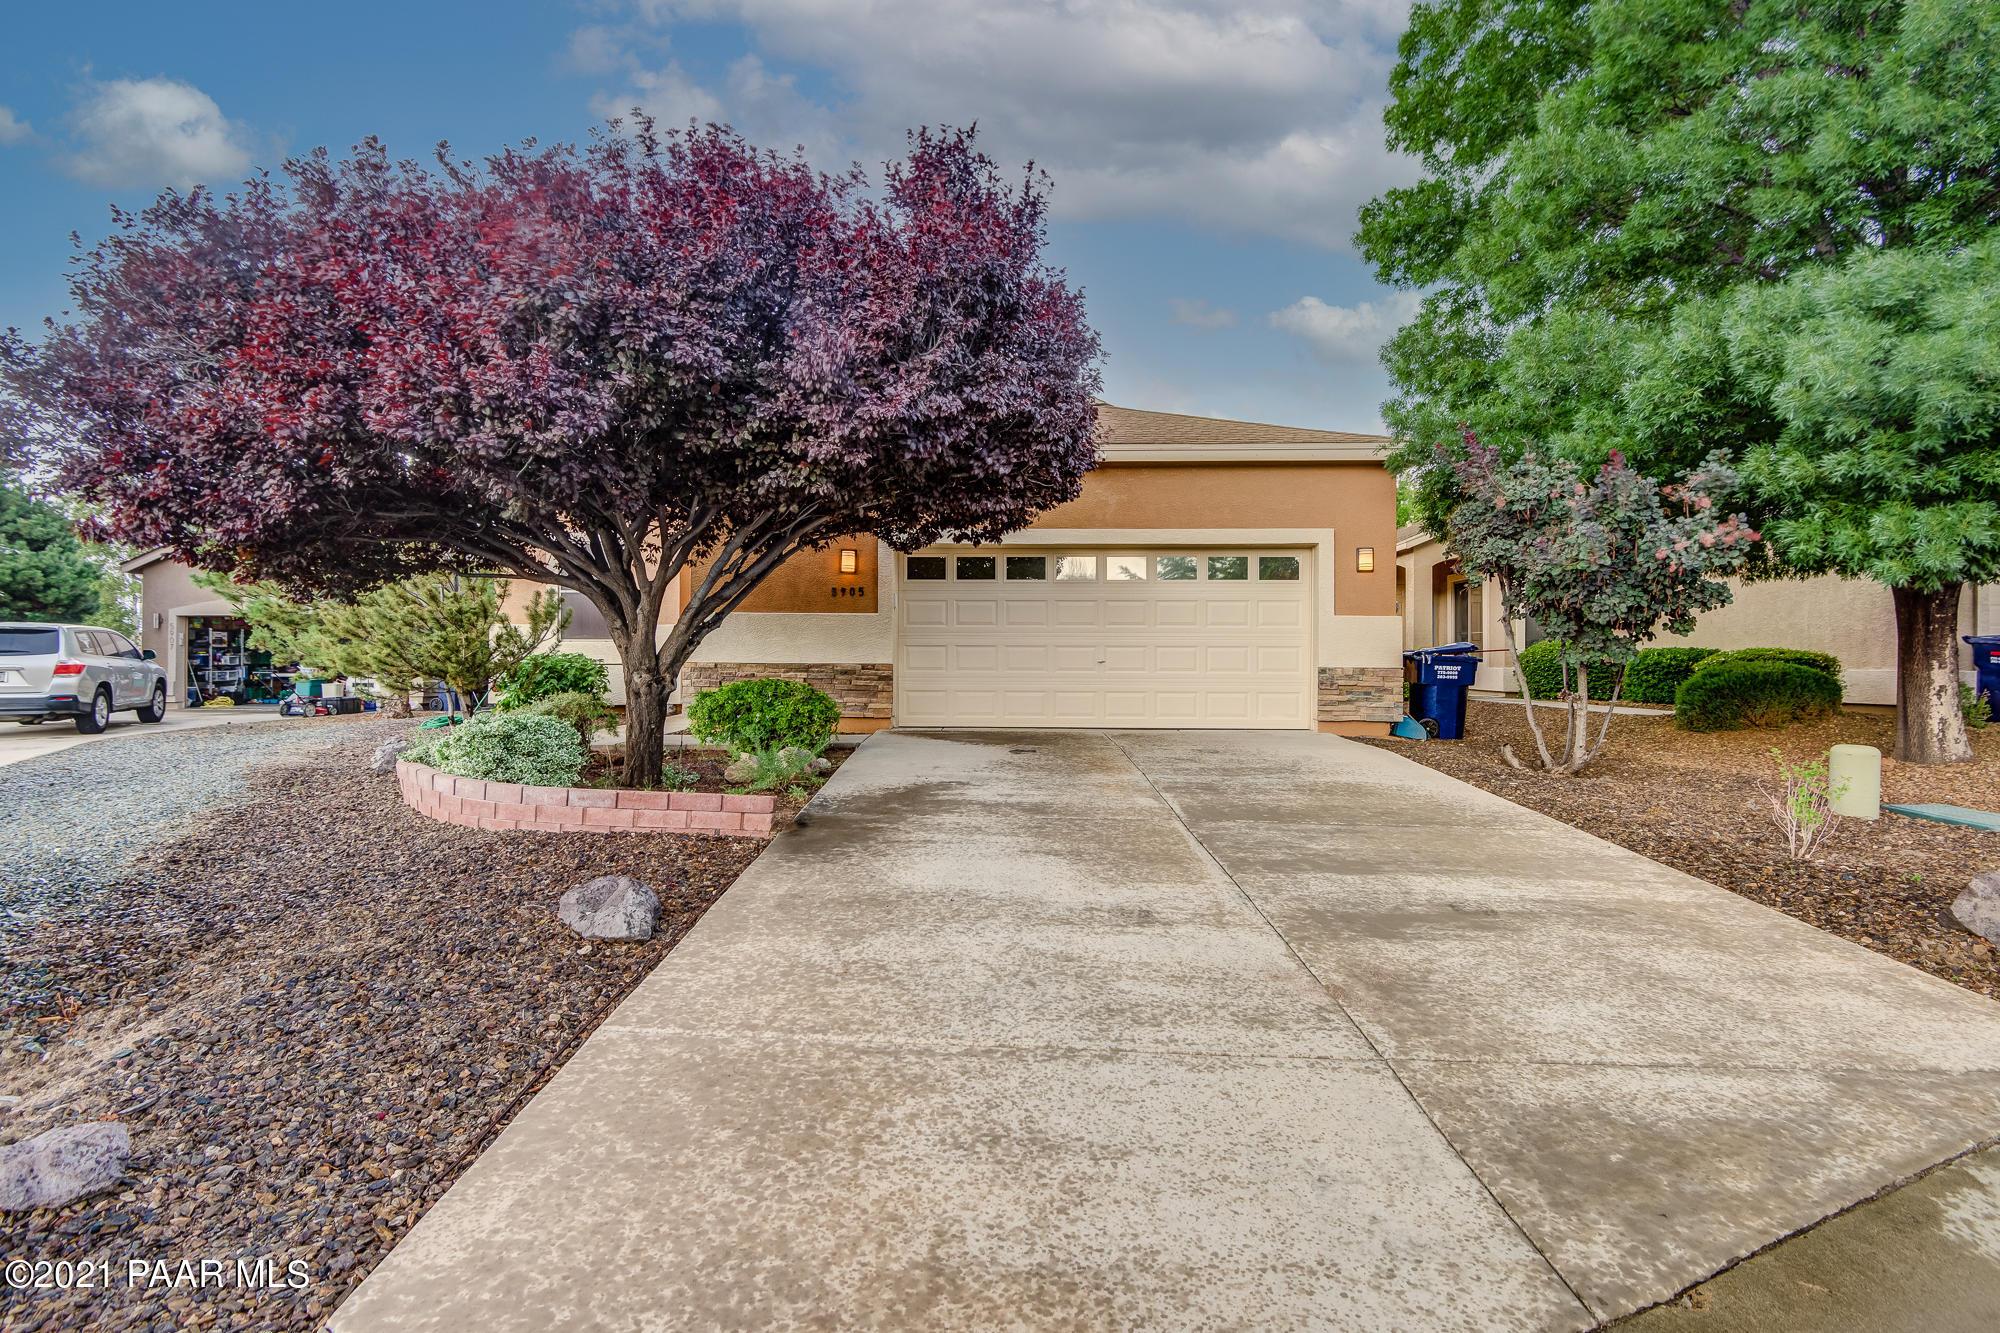 Photo of 5905 Talbot, Prescott Valley, AZ 86314